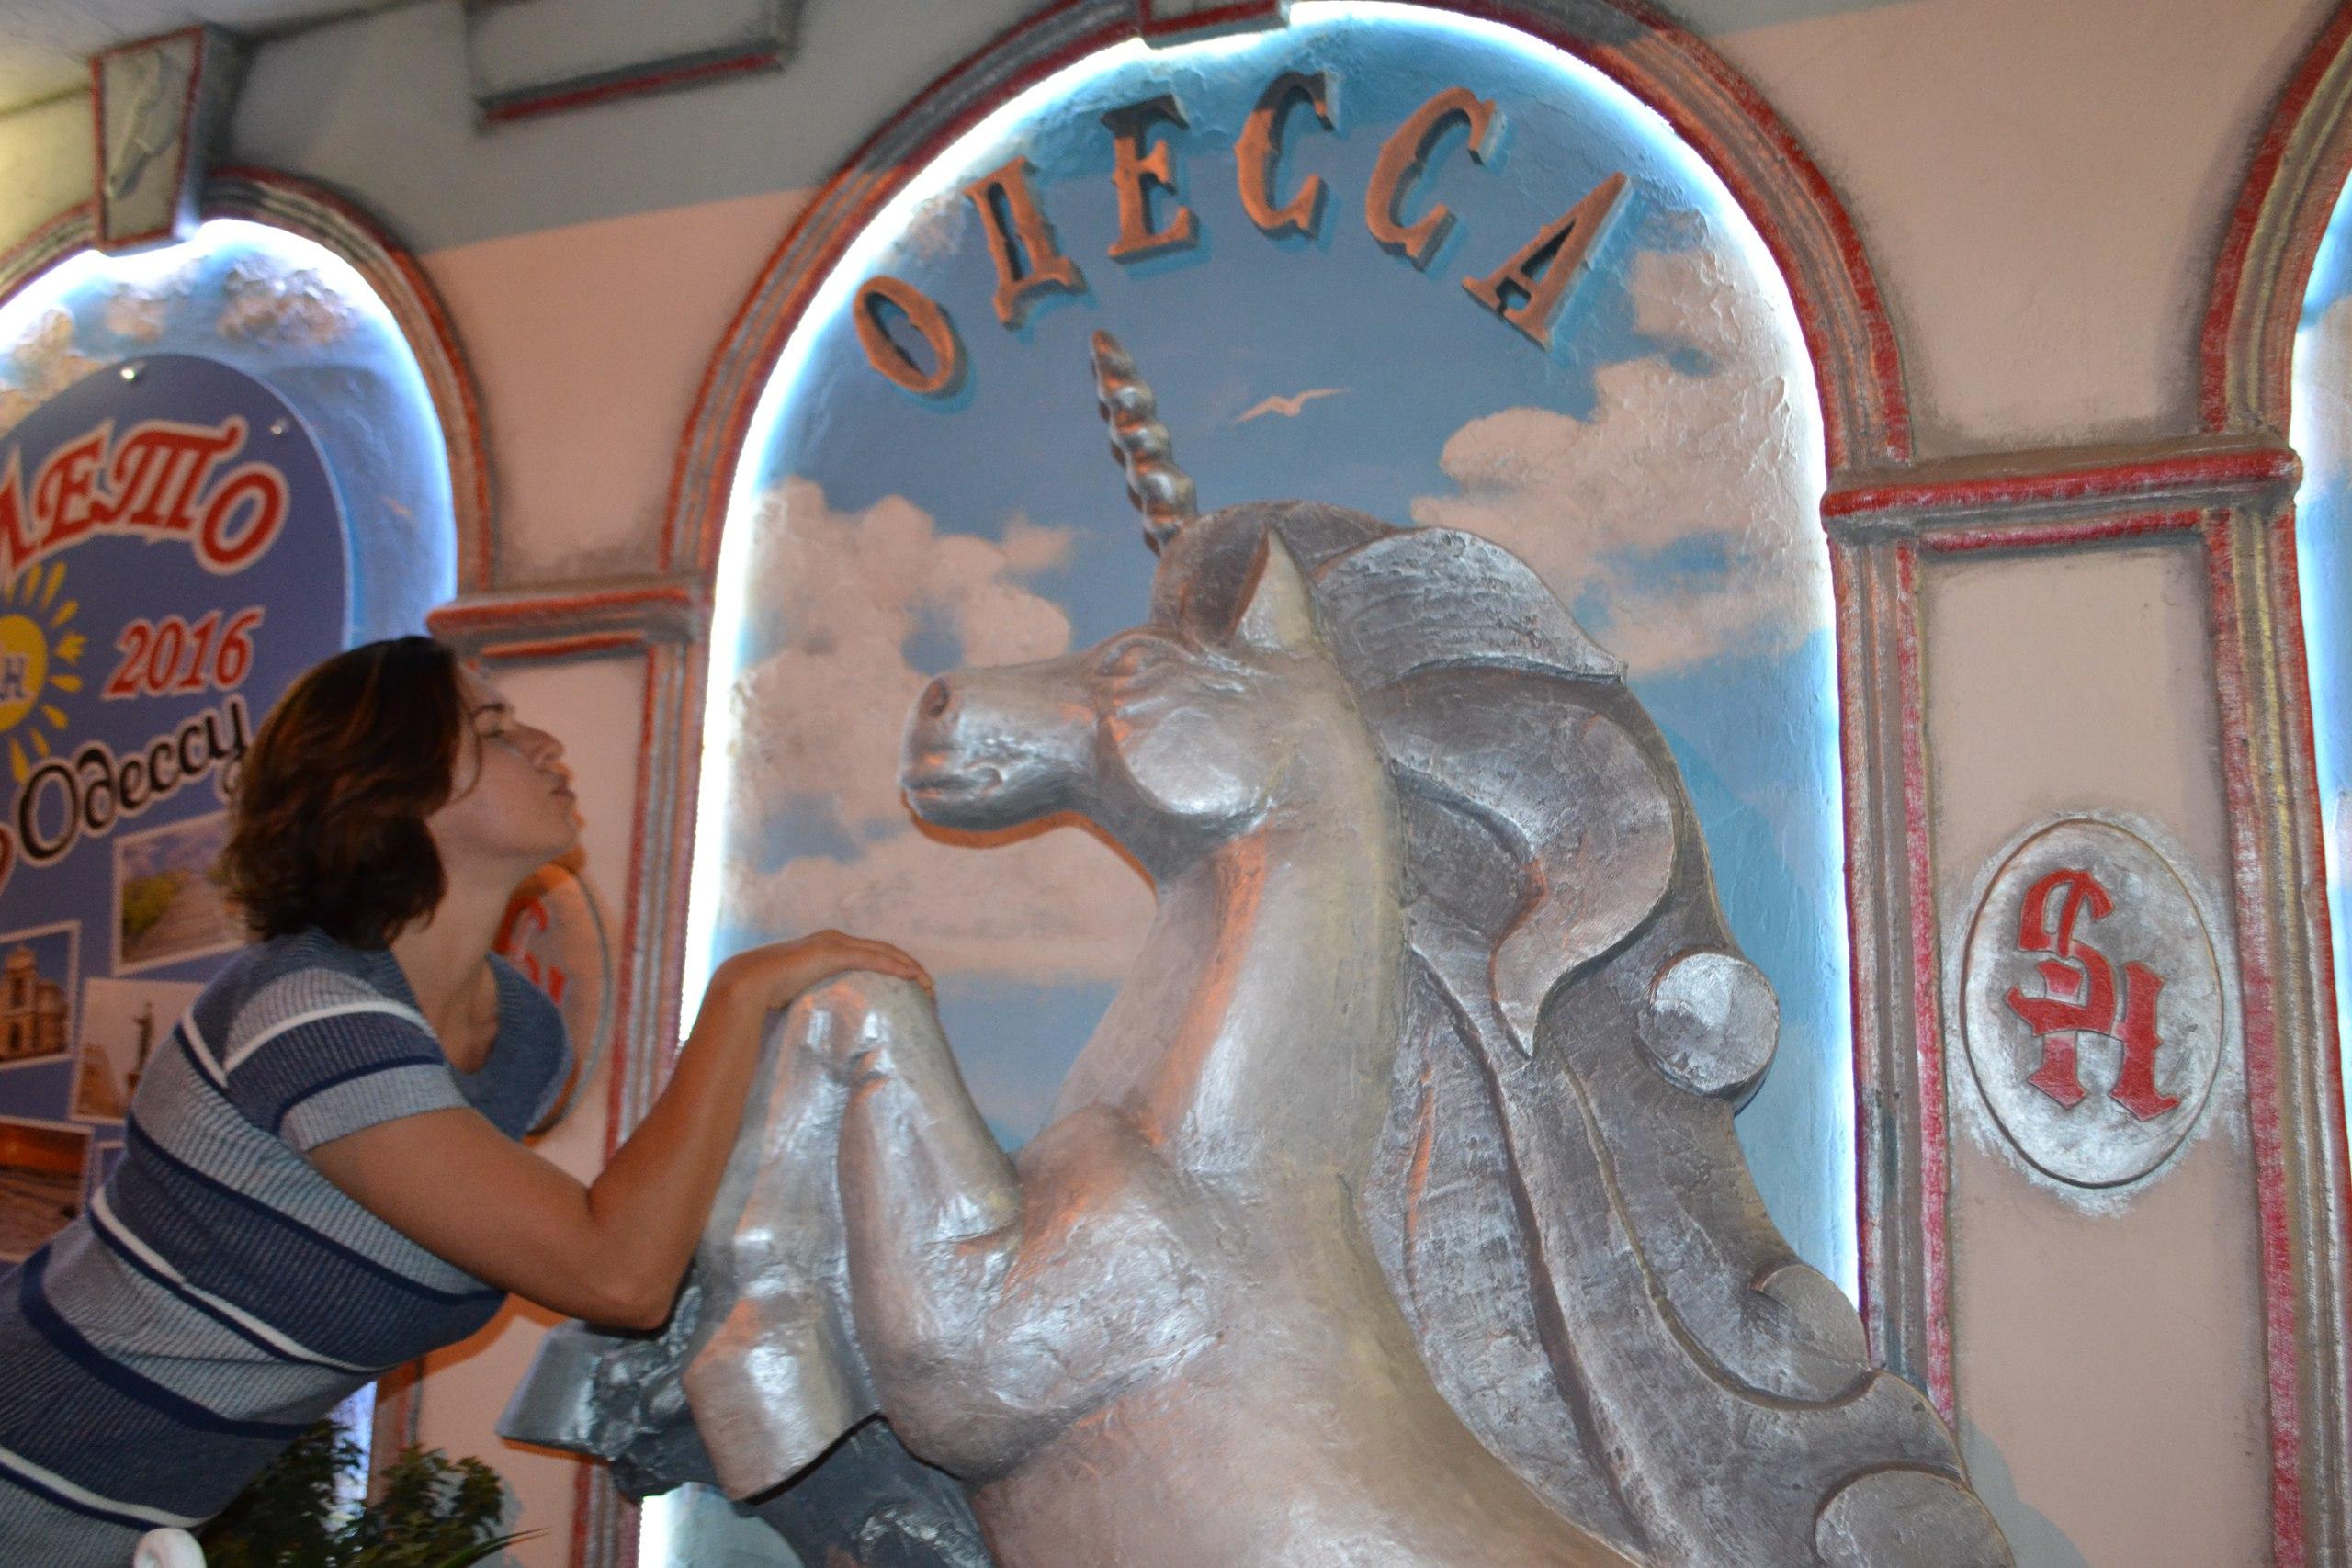 Елена Руденко (Валтея) Украина. Одесса. 17-21 августа 2016 г. - Страница 2 FvI3vJZQQ1o